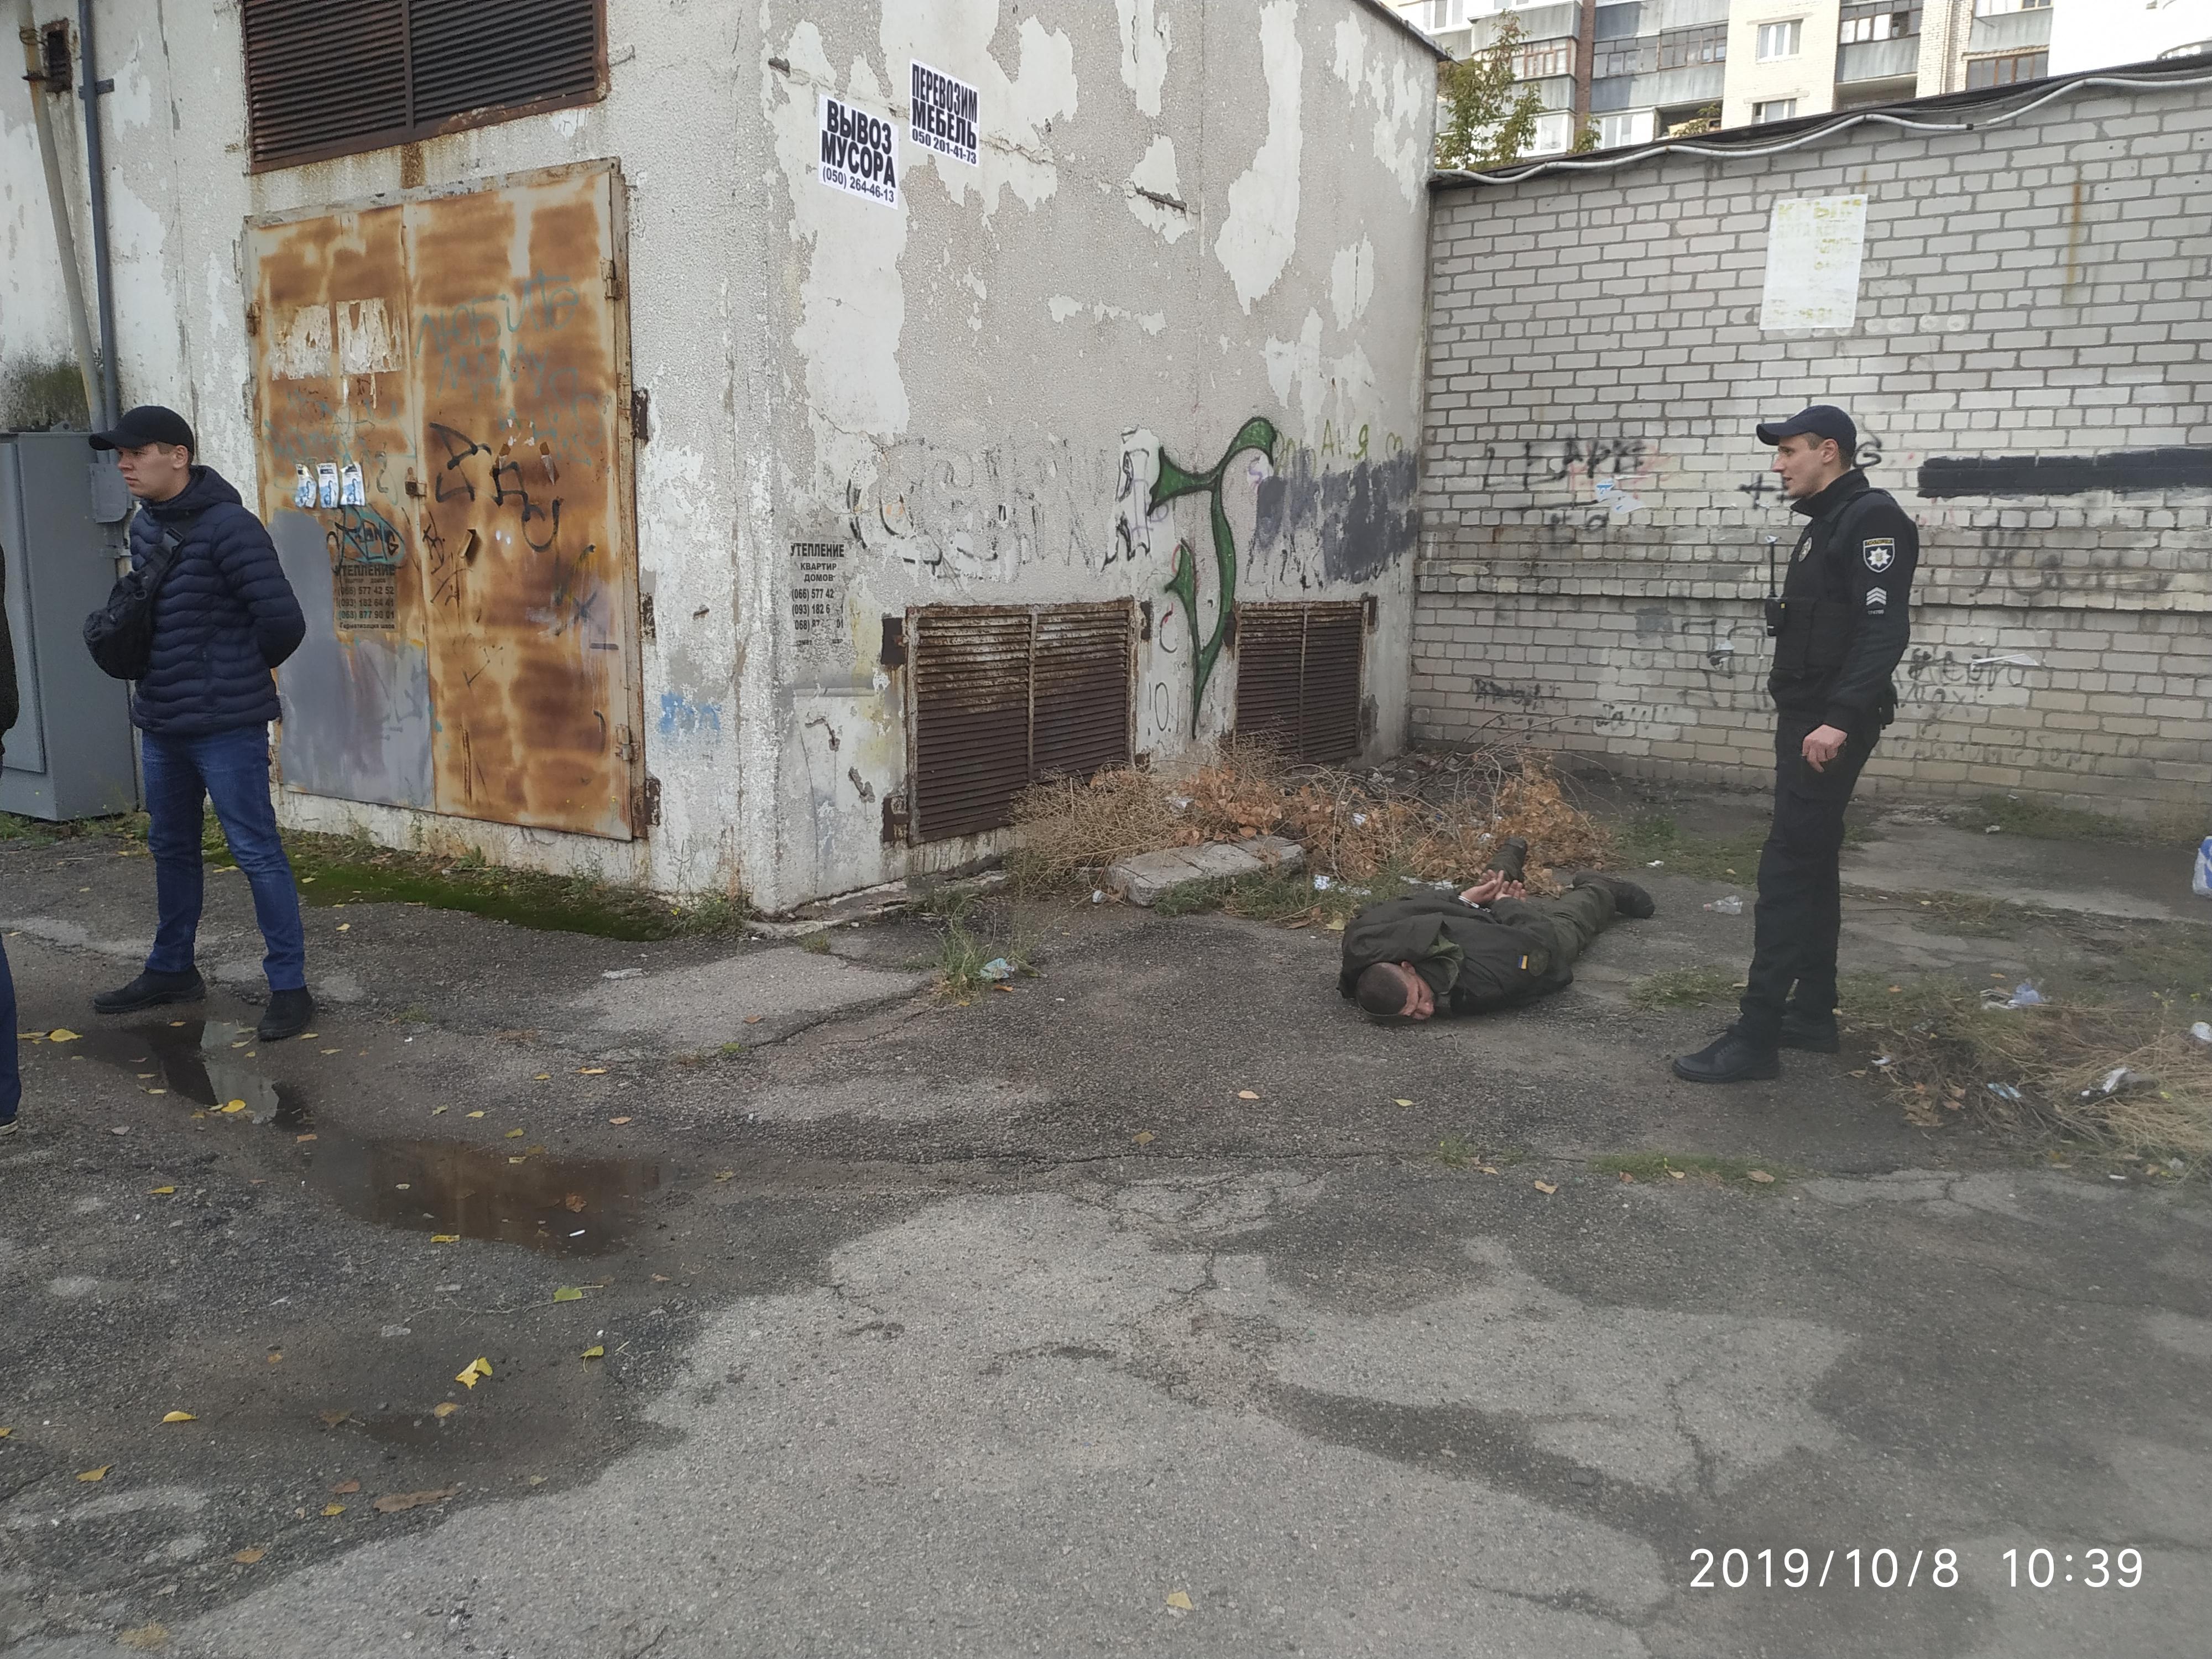 Вранці у Запоріжжі військовослужбовець ледь не зґвалтував 2 жінок